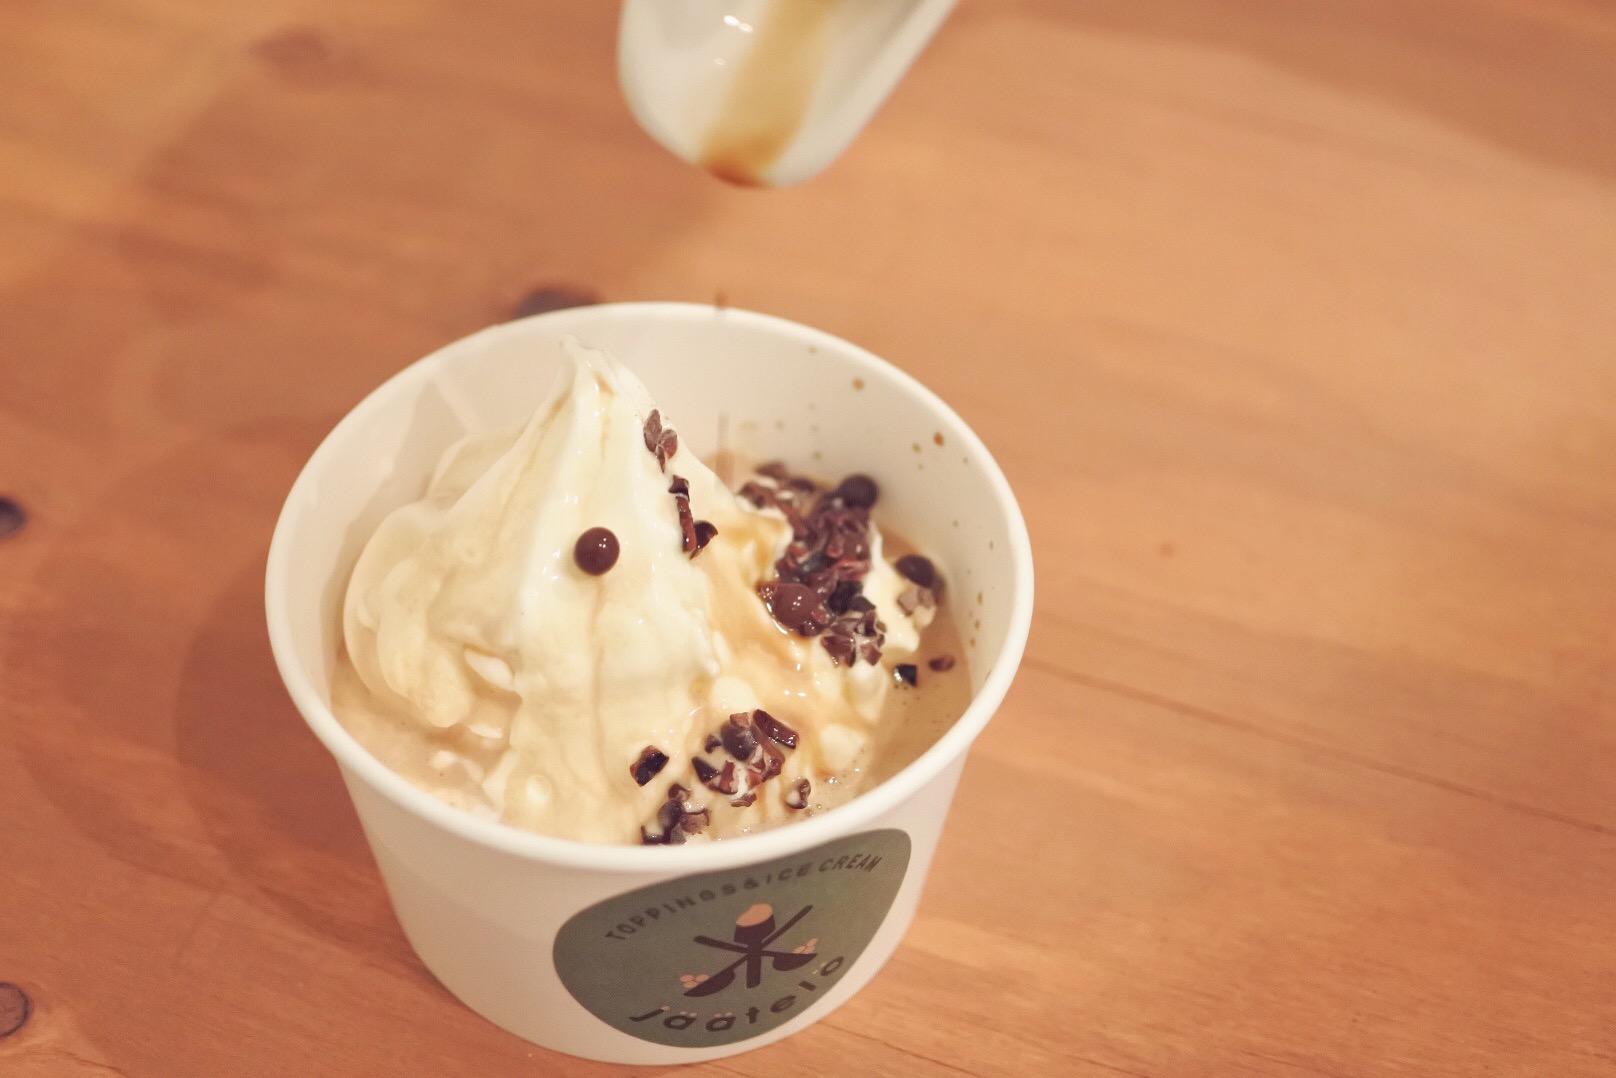 アフォガードにクリームぜんざい!?『アニーのアイスクリーム屋さん』の冬メニュー - IMG 6915